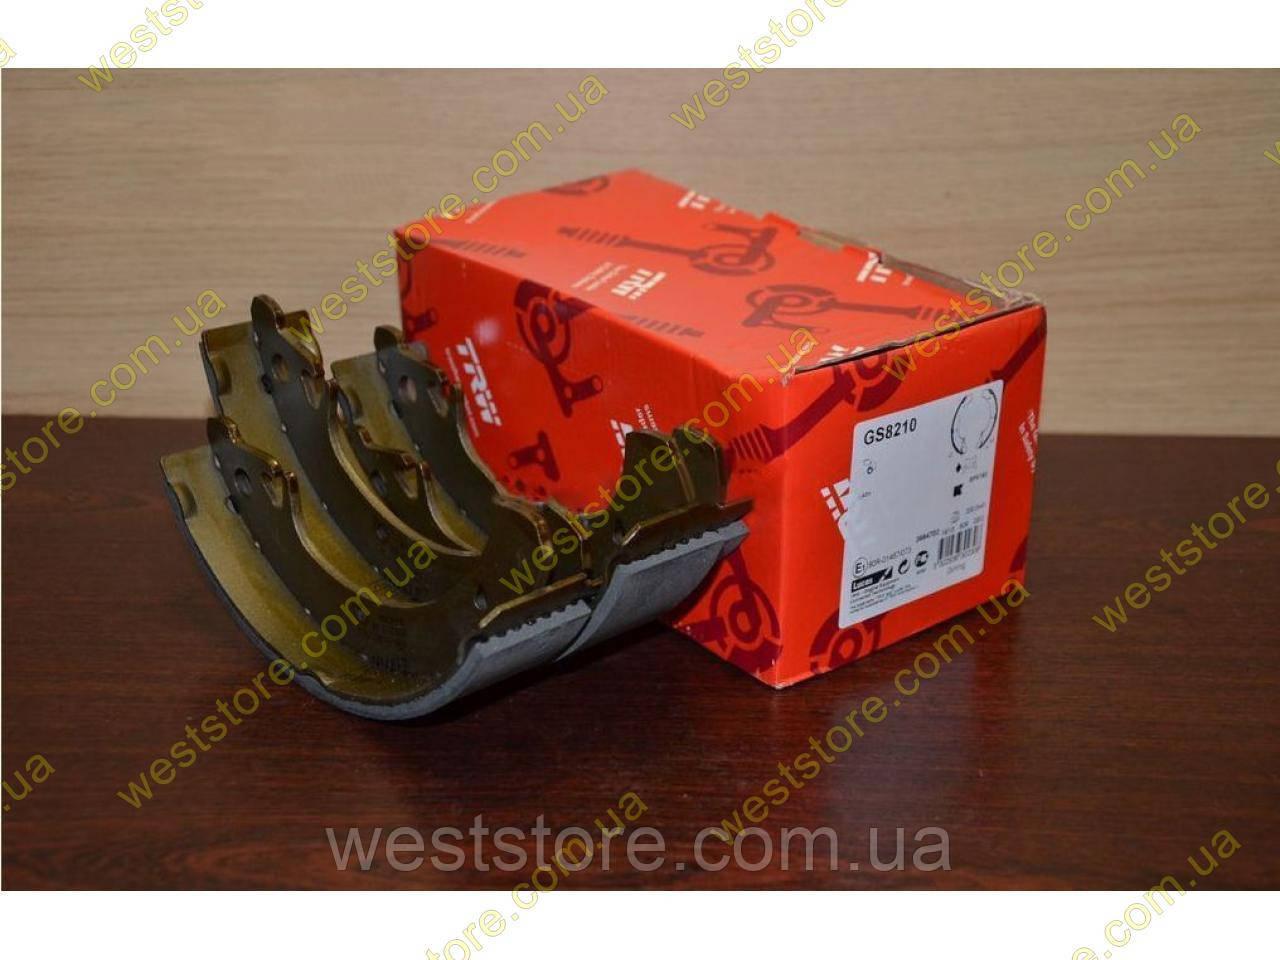 Колодки тормозные задние Ваз 2108 2109 21099 2113 2114 2115 TRW Lucas